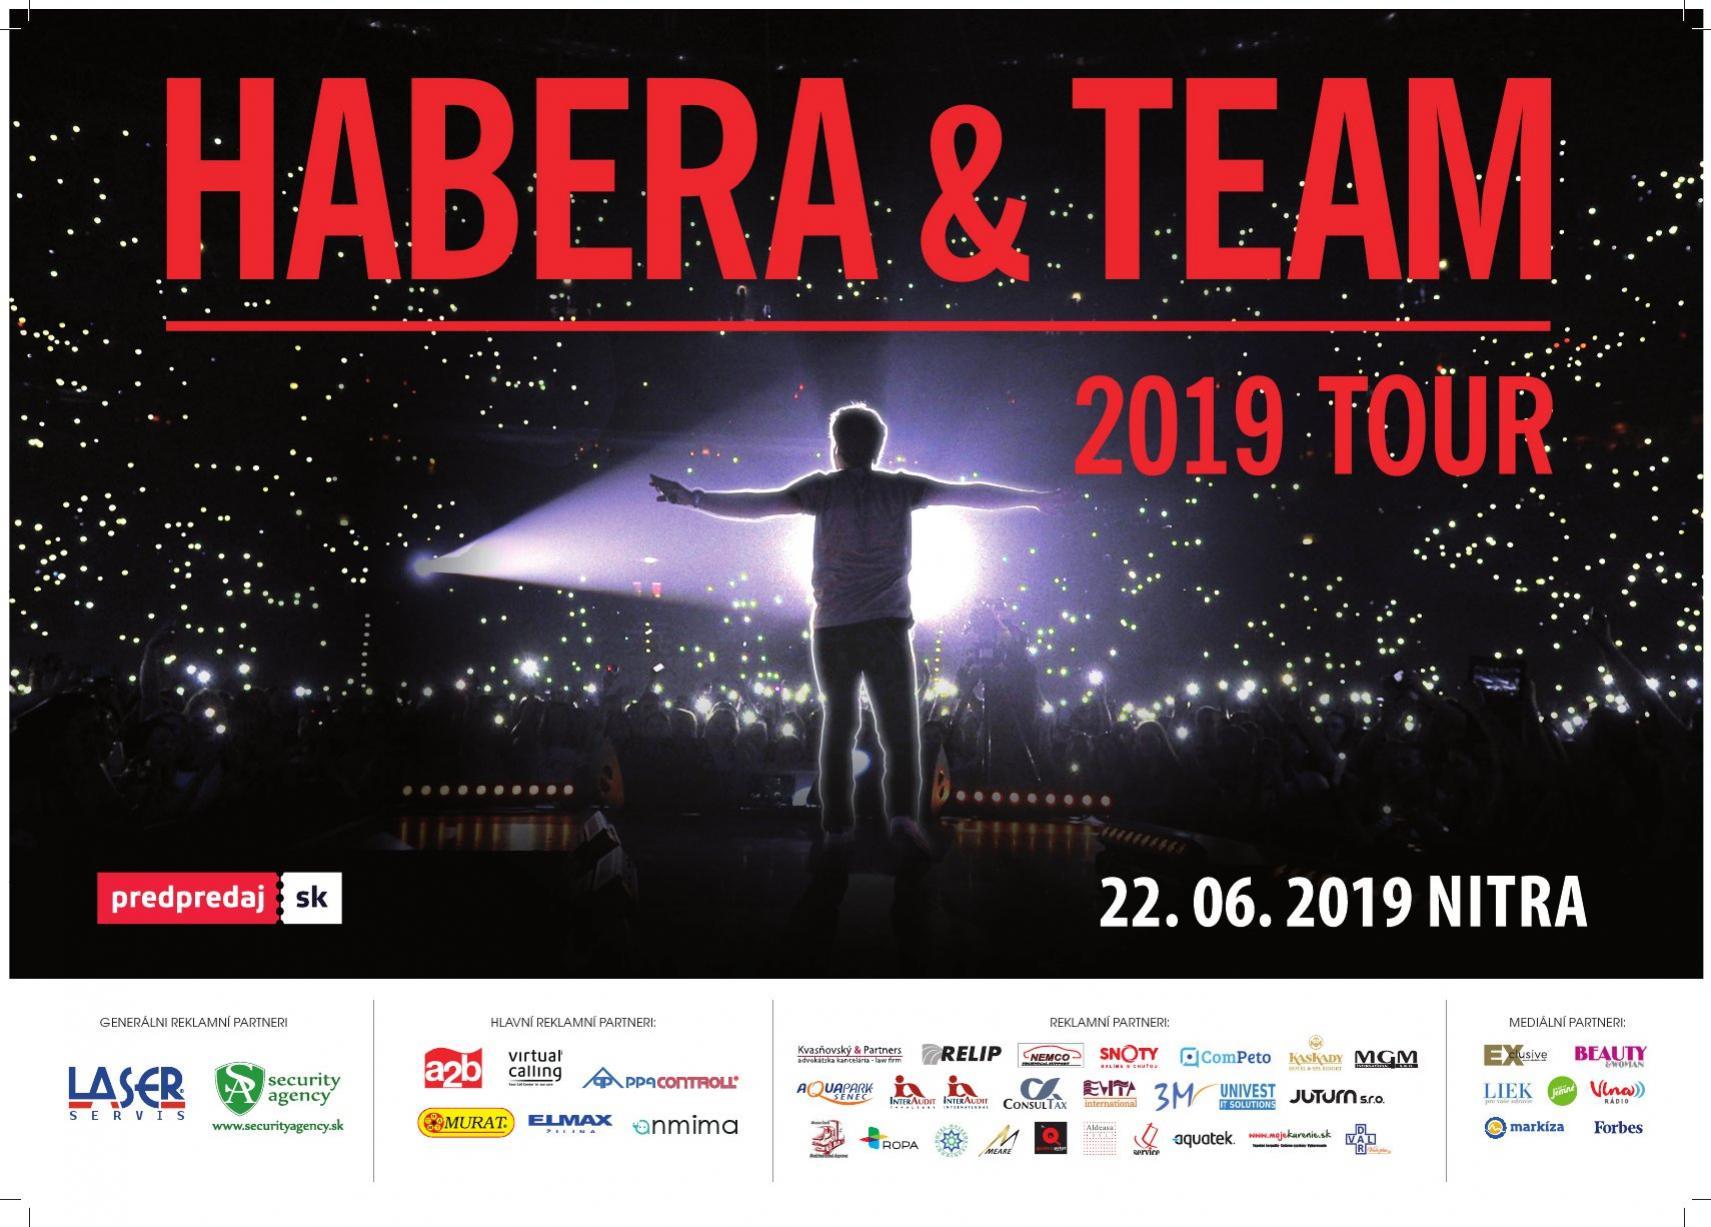 Habera a Team Tour 2019 Nitra